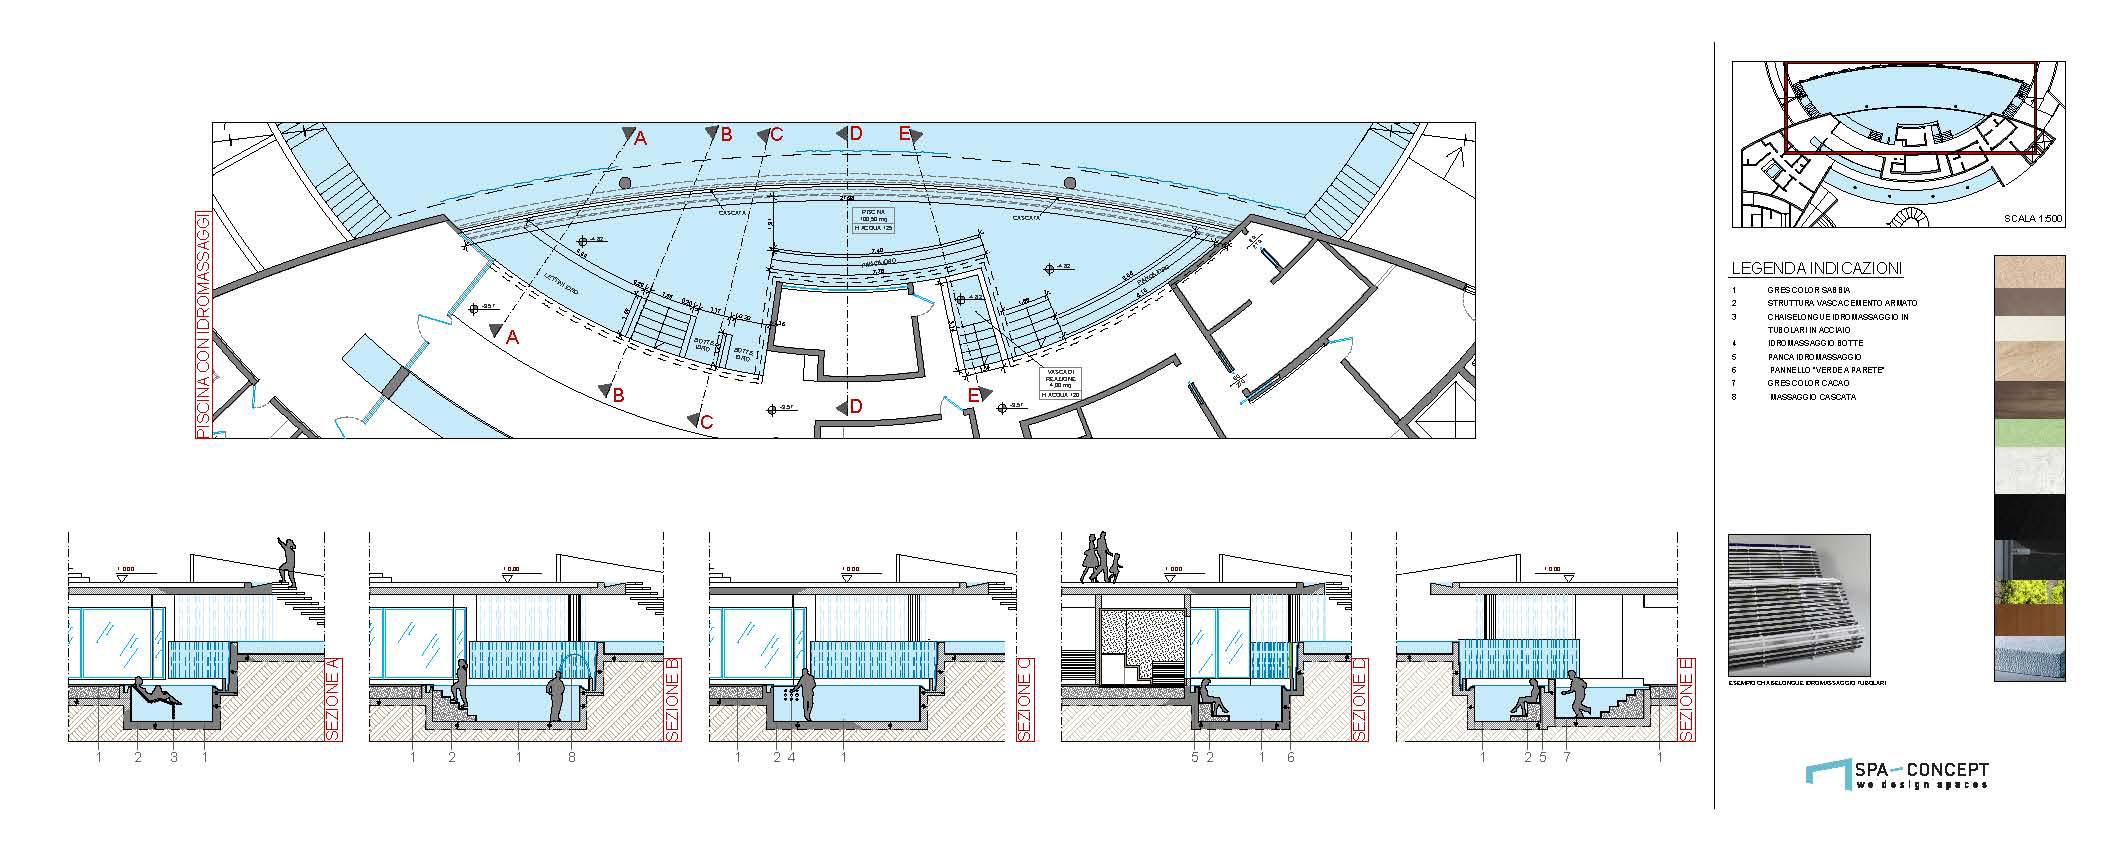 Sezioni architettoniche progetto spa